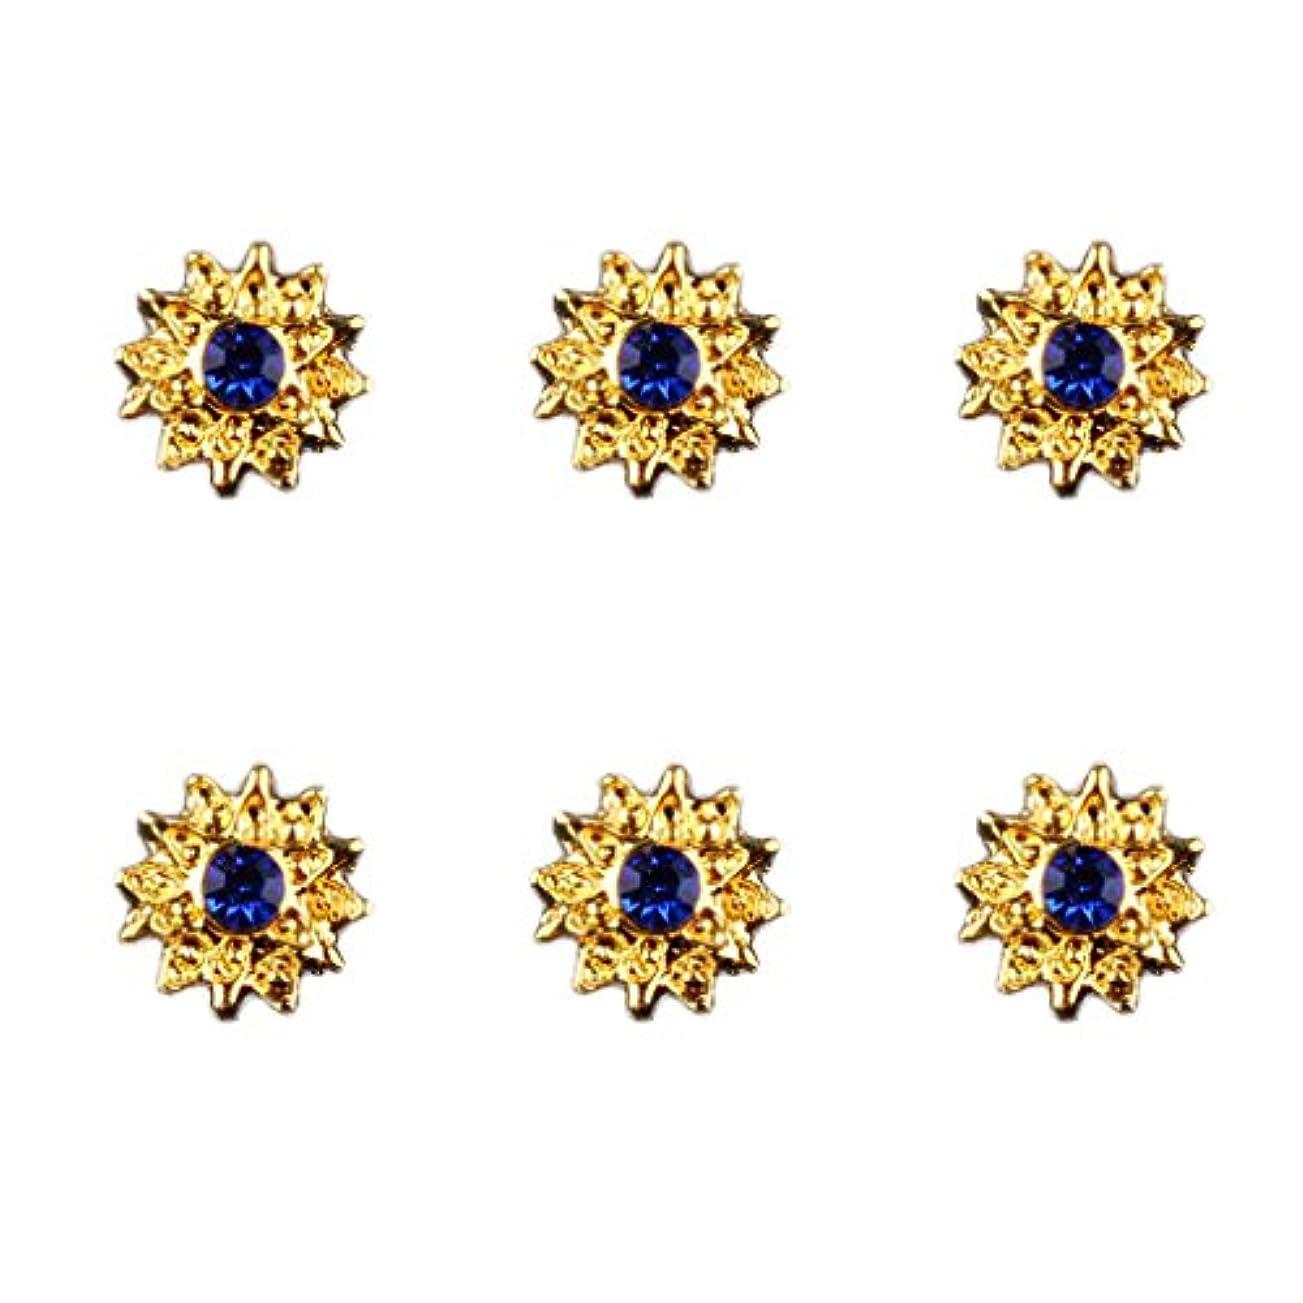 知り合いになるすり減る発表する約50個入り マニキュア ダイヤモンド 3Dネイルアート ヒントステッカー 装飾 全8種類 - 6